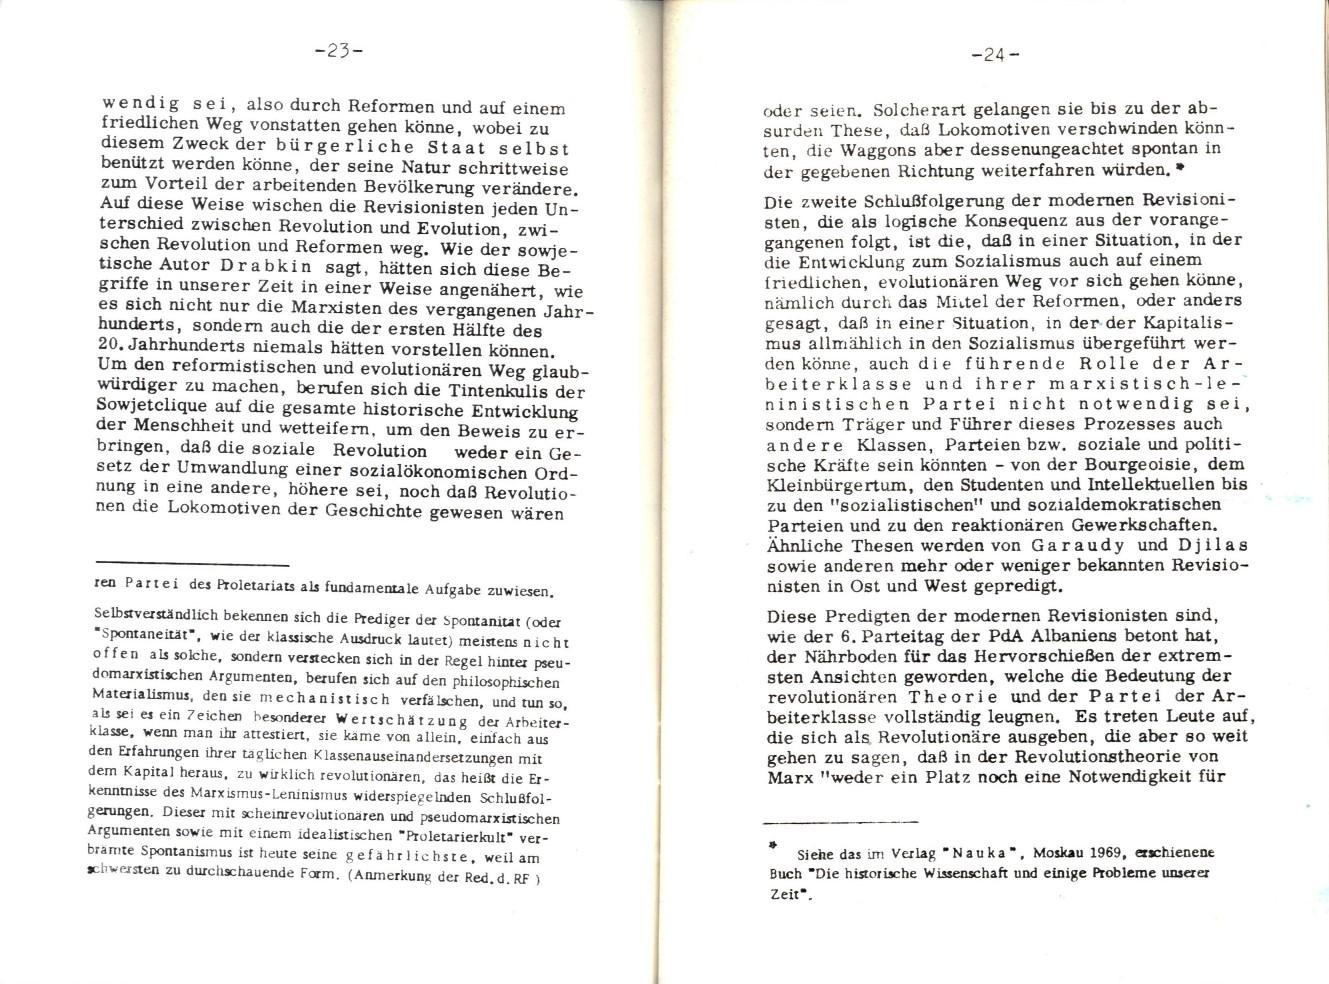 MLSK_Theorie_und_Praxis_des_ML_1978_23_15